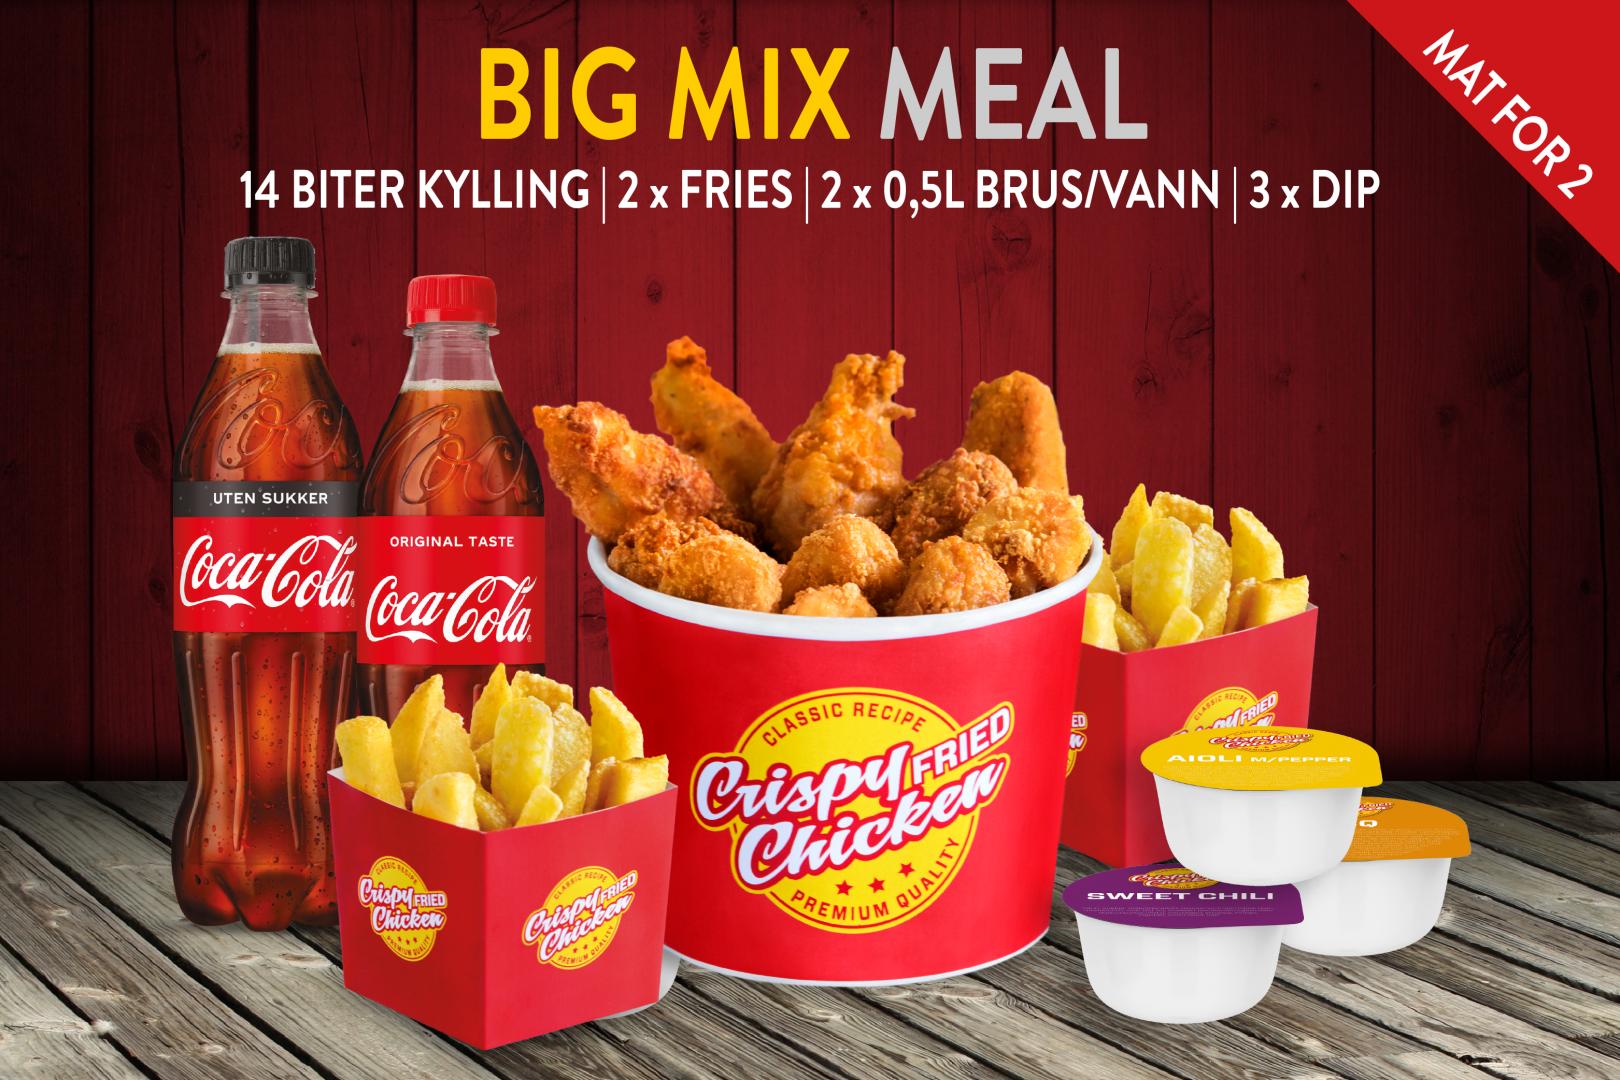 Big Mix Meal